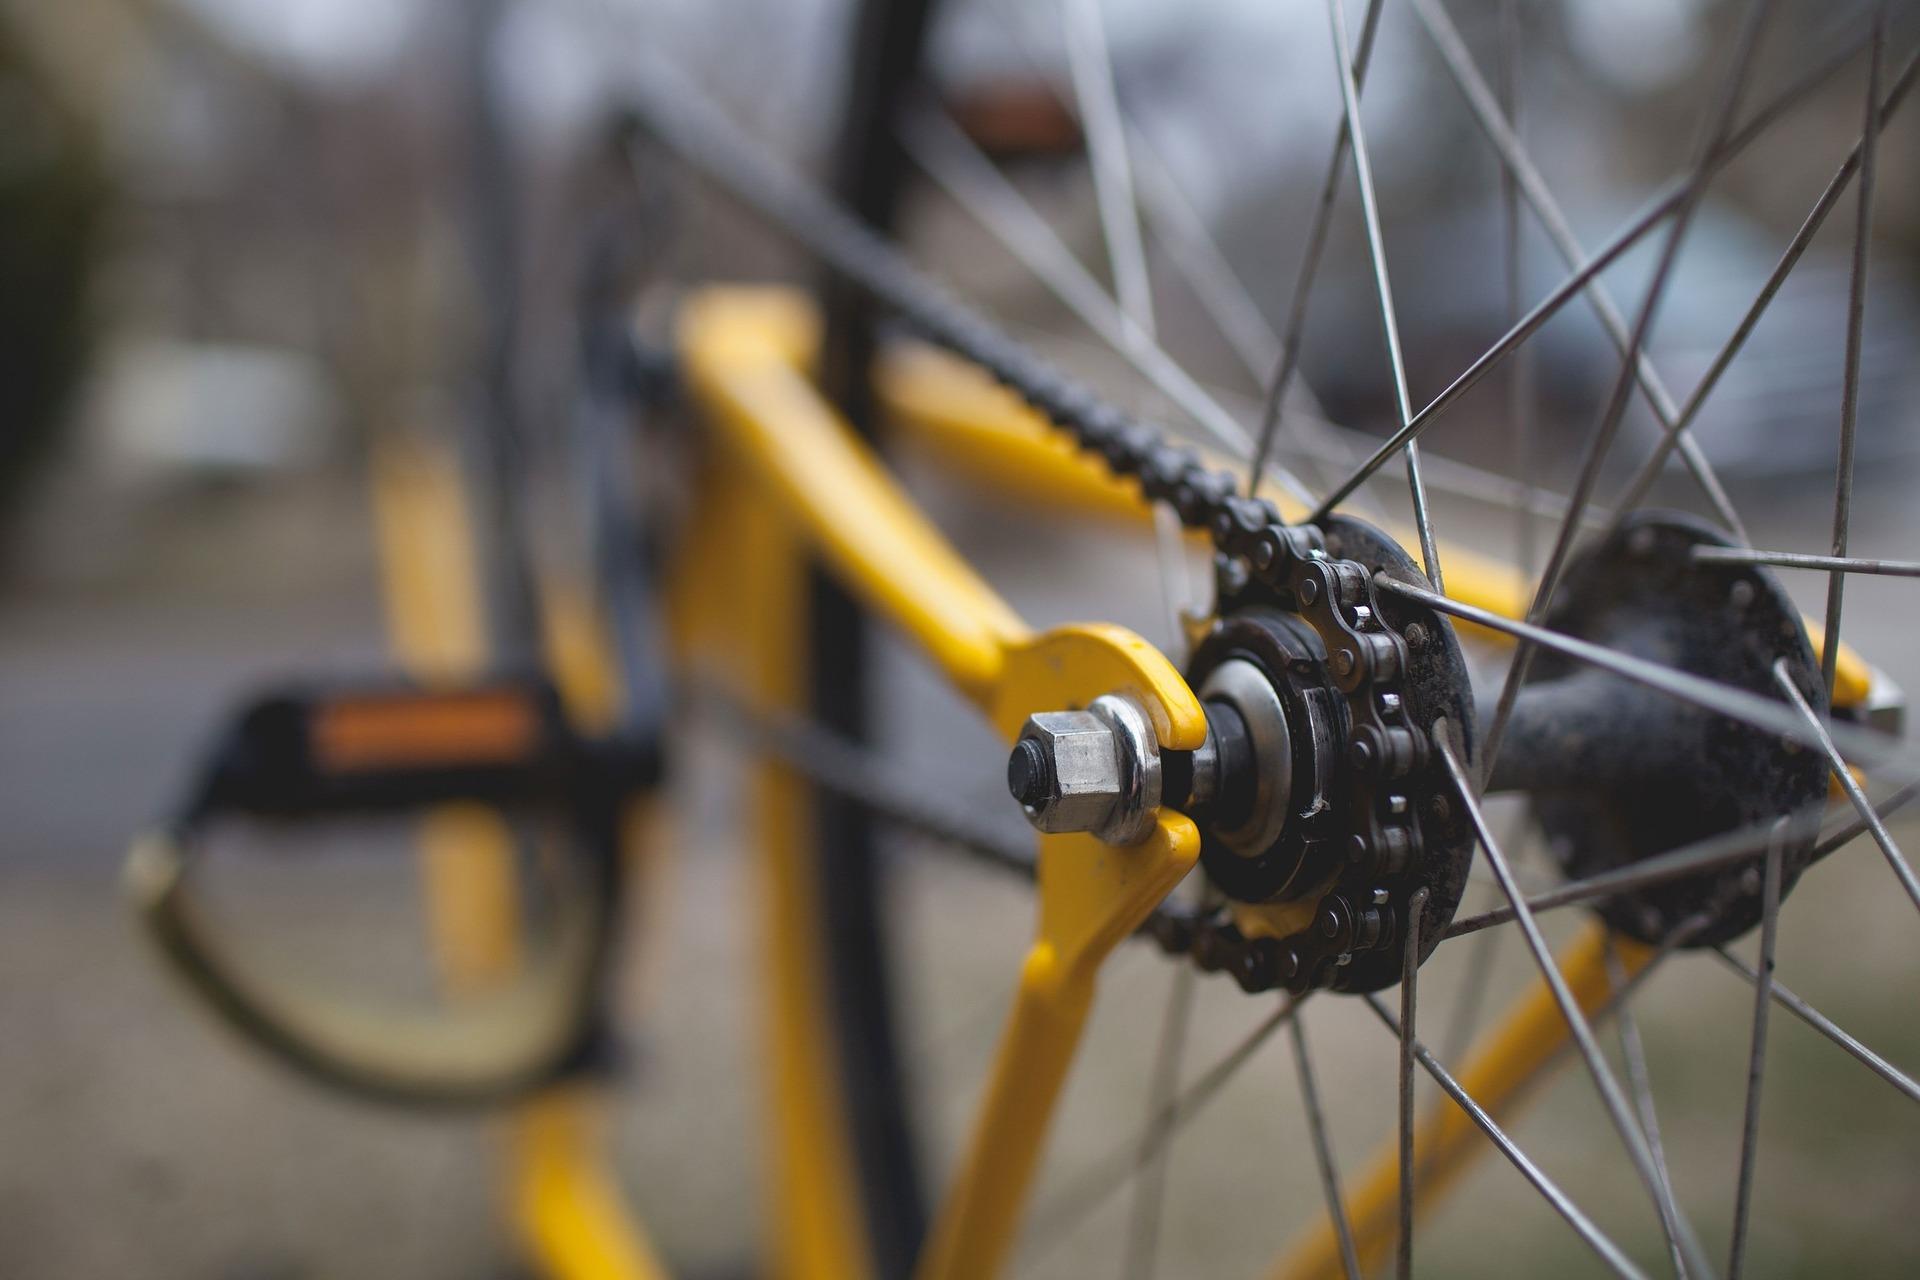 自転車 オイル注油箇所